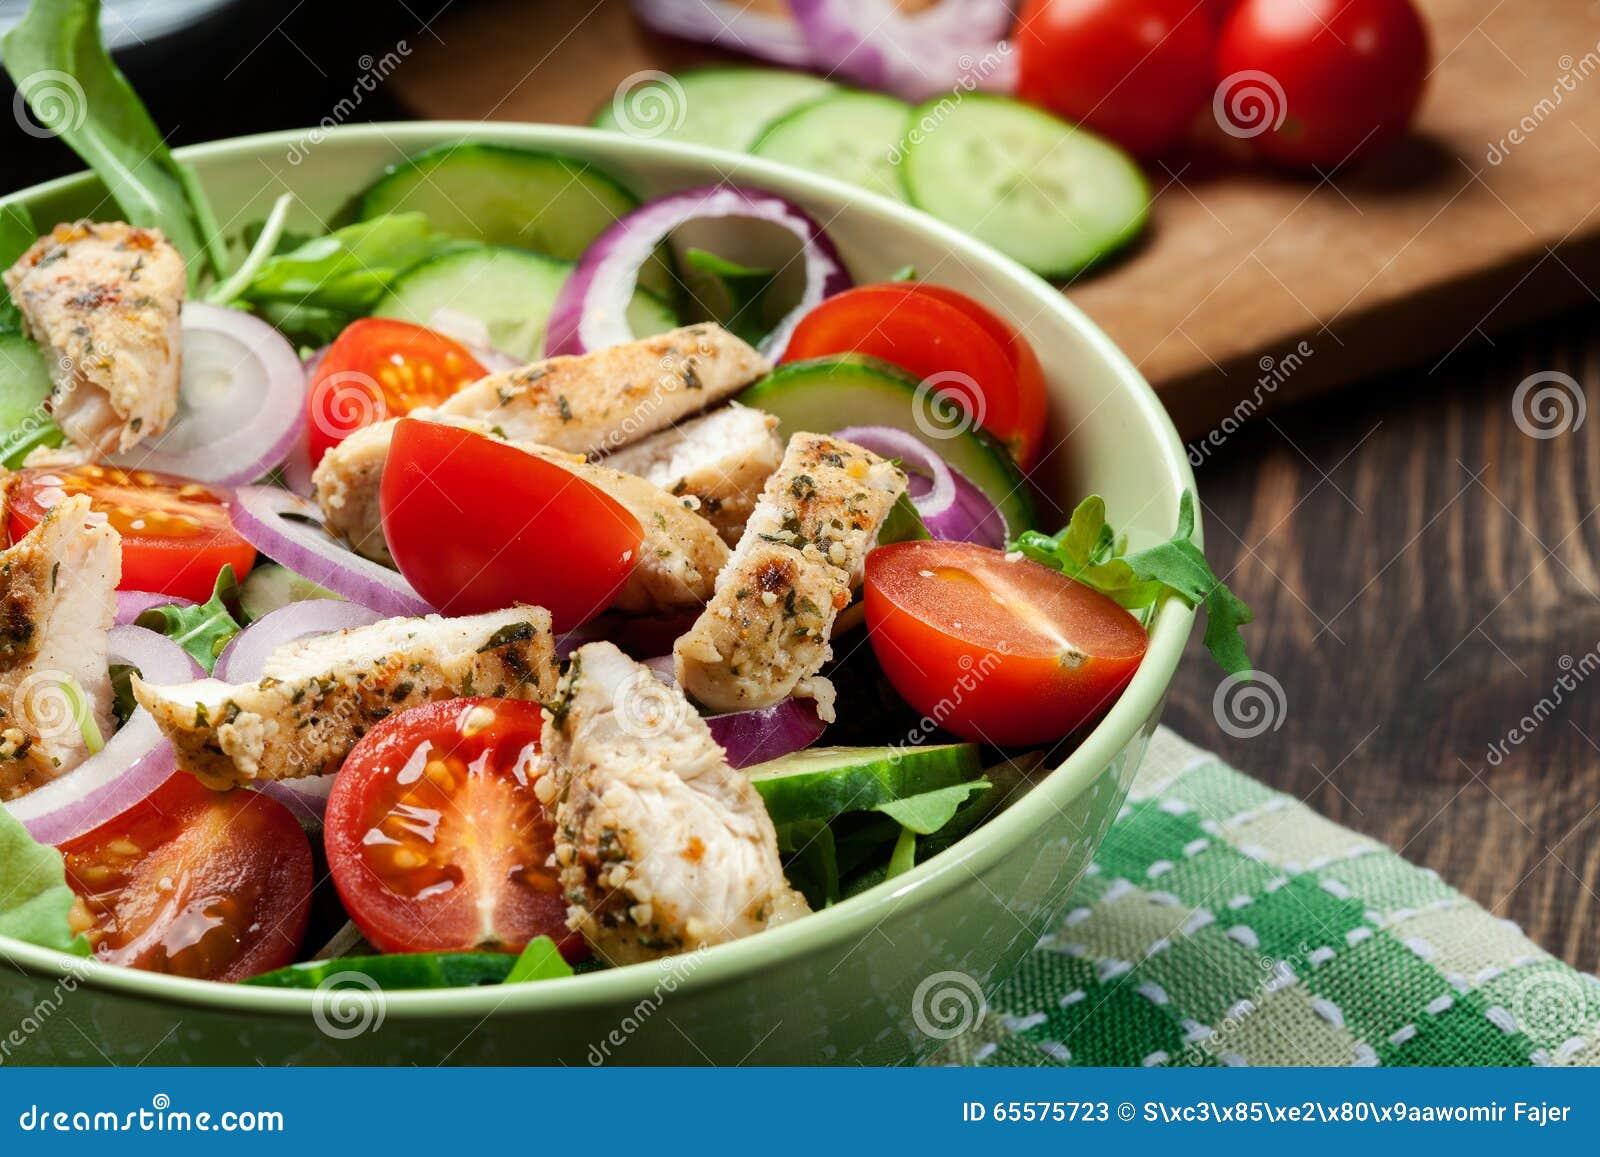 Insalata fresca con il pollo, i pomodori e la rucola sul piatto